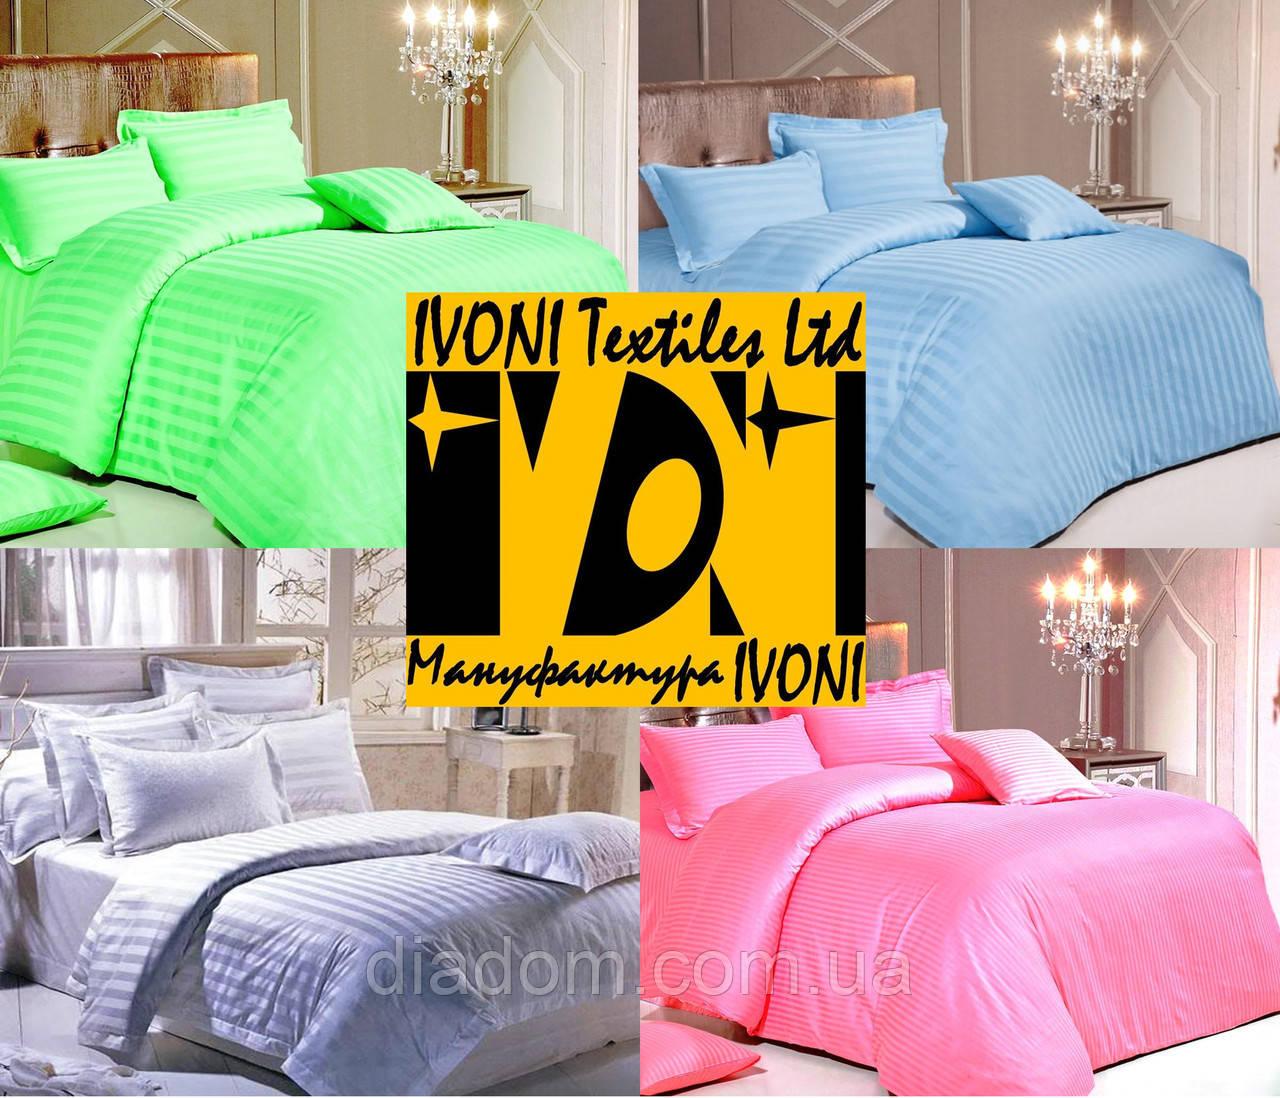 Комплекты двуспальные от IVONI постельного белья из тернопольского сатина и страйп-сатина. Хлопок 100%